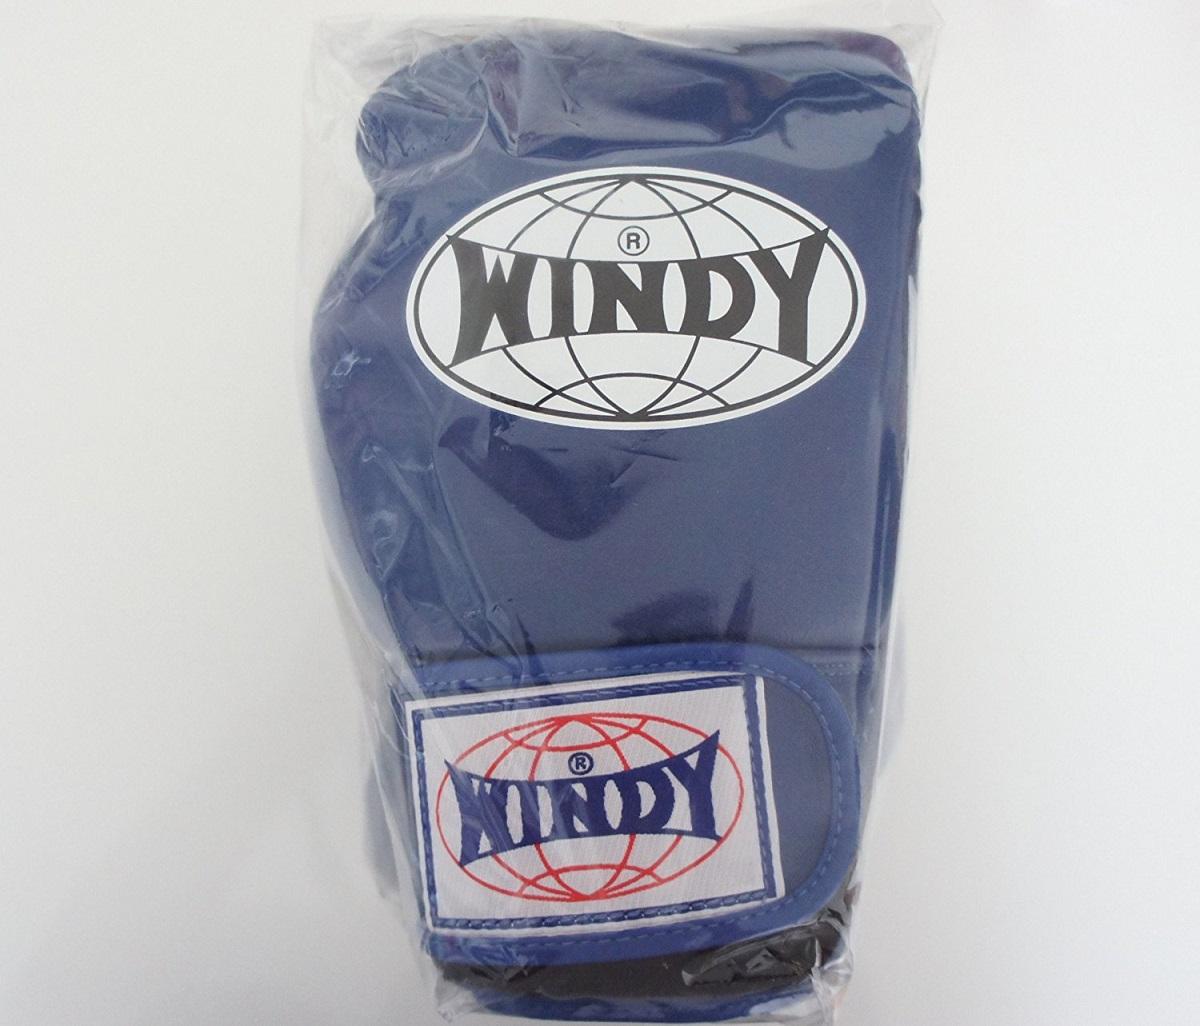 WINDY ウインディ 本革製キックボクシング グローブ 青 6オンス